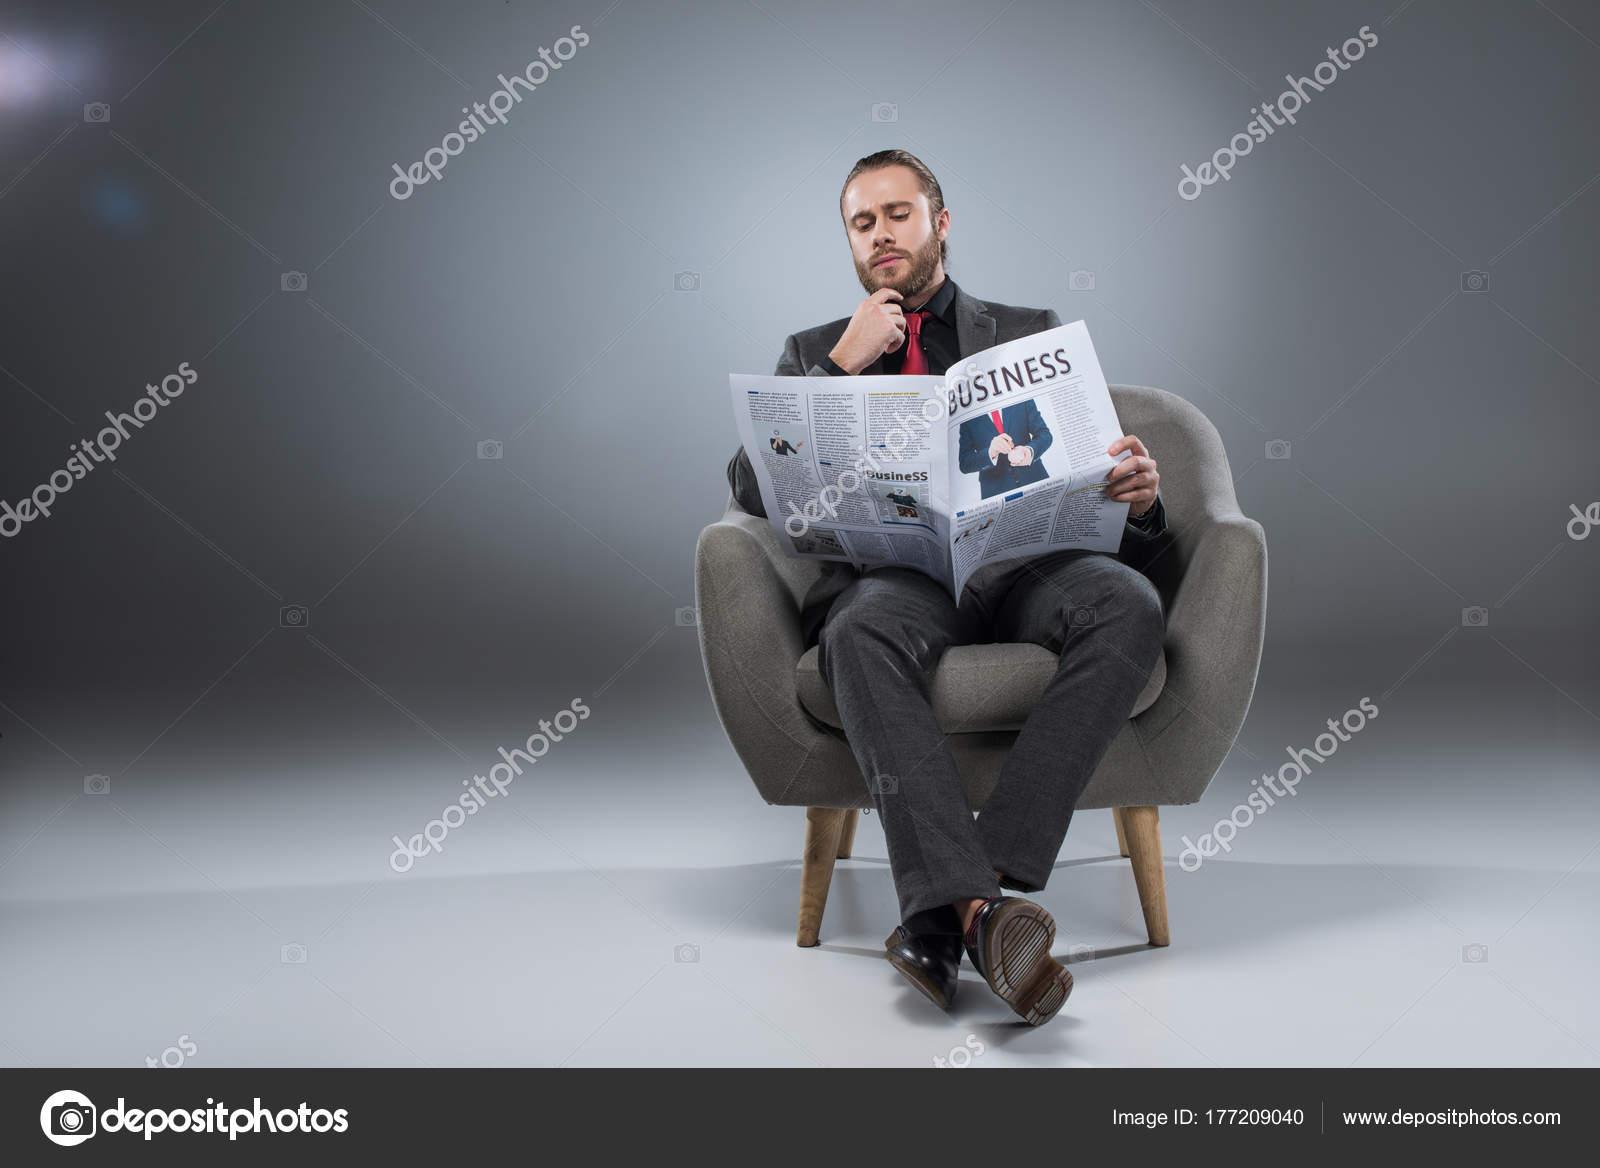 Leggere In Poltrona.Uomo Affari Pensive Barbuto Seduto Poltrona Leggere Giornale